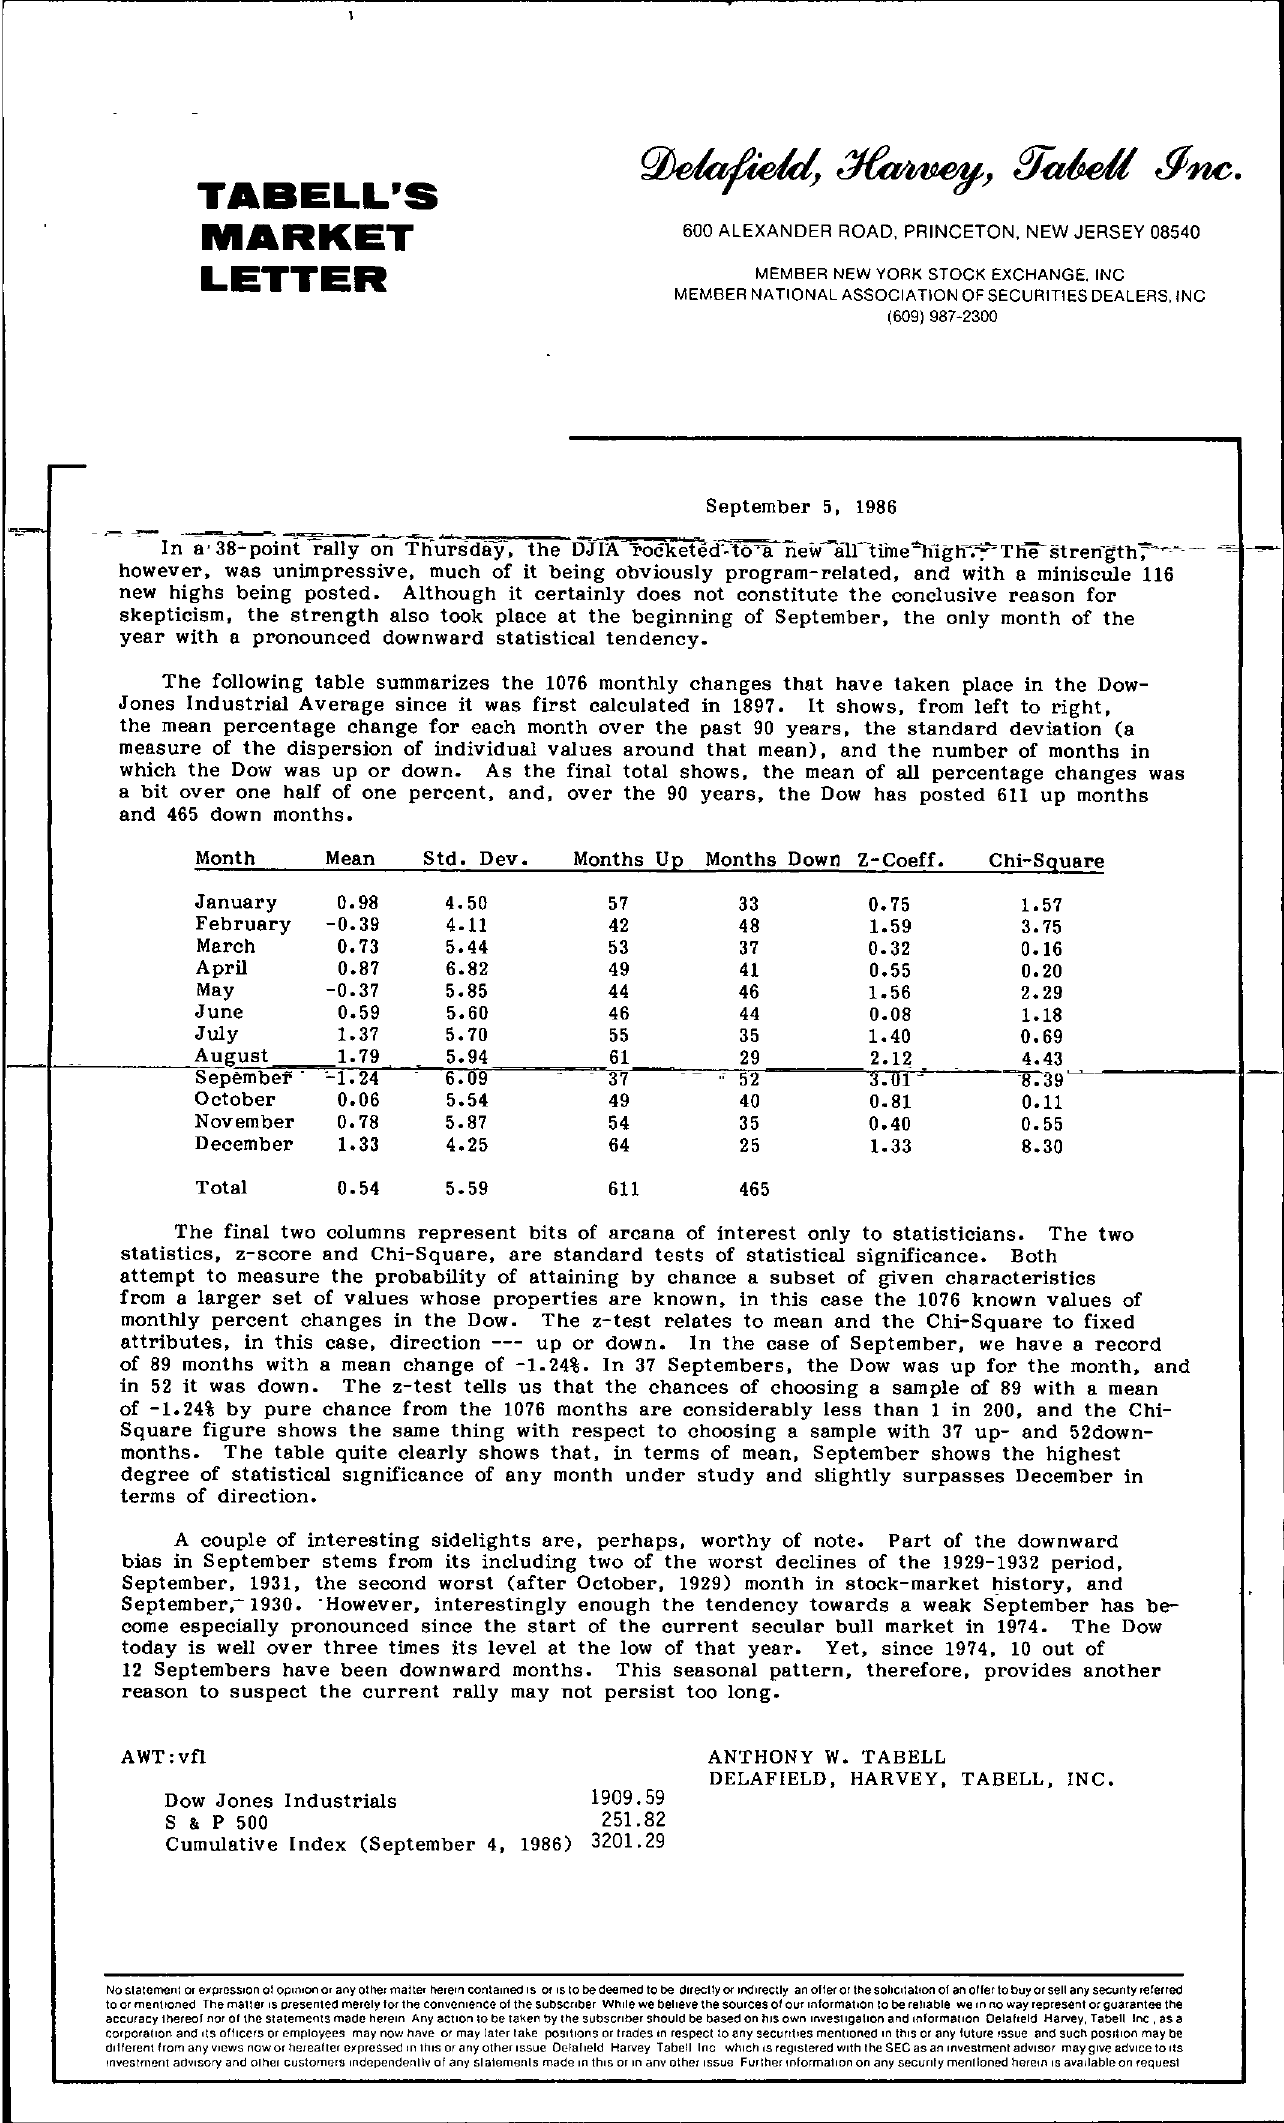 Tabell's Market Letter - September 05, 1986